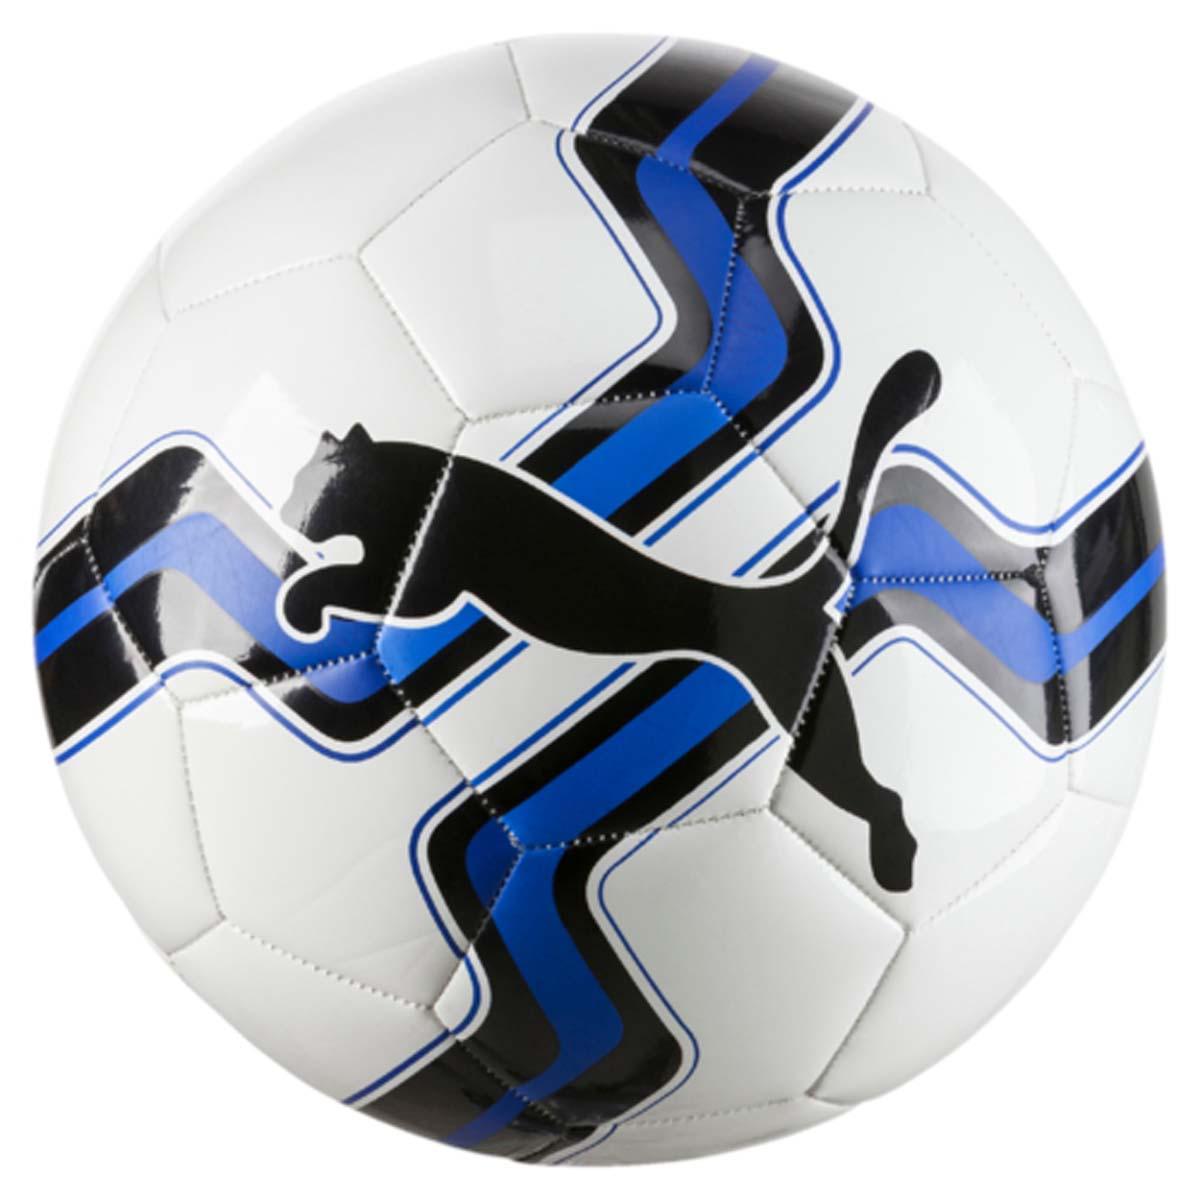 Мяч футбольный Puma Big Cat Ball, цвет: белый, синий, Размер 5. 0827580108275801Футбольный мяч Puma Big Cat Ball подходит как для тренировок, так и для игр с друзьями или семьей. Комбинация термопластичного полиуретана и пены из термопластичного эластомера вместе полиэстеровойподкладкой позволяют отлично держать форму, пружинить и улетать так далеко, как нужно игрокам. Резиновая камера прекрасно справляется с сопротивлением воздуха.Мяч имеет оригинальный яркий дизайн и логотип компании Puma.